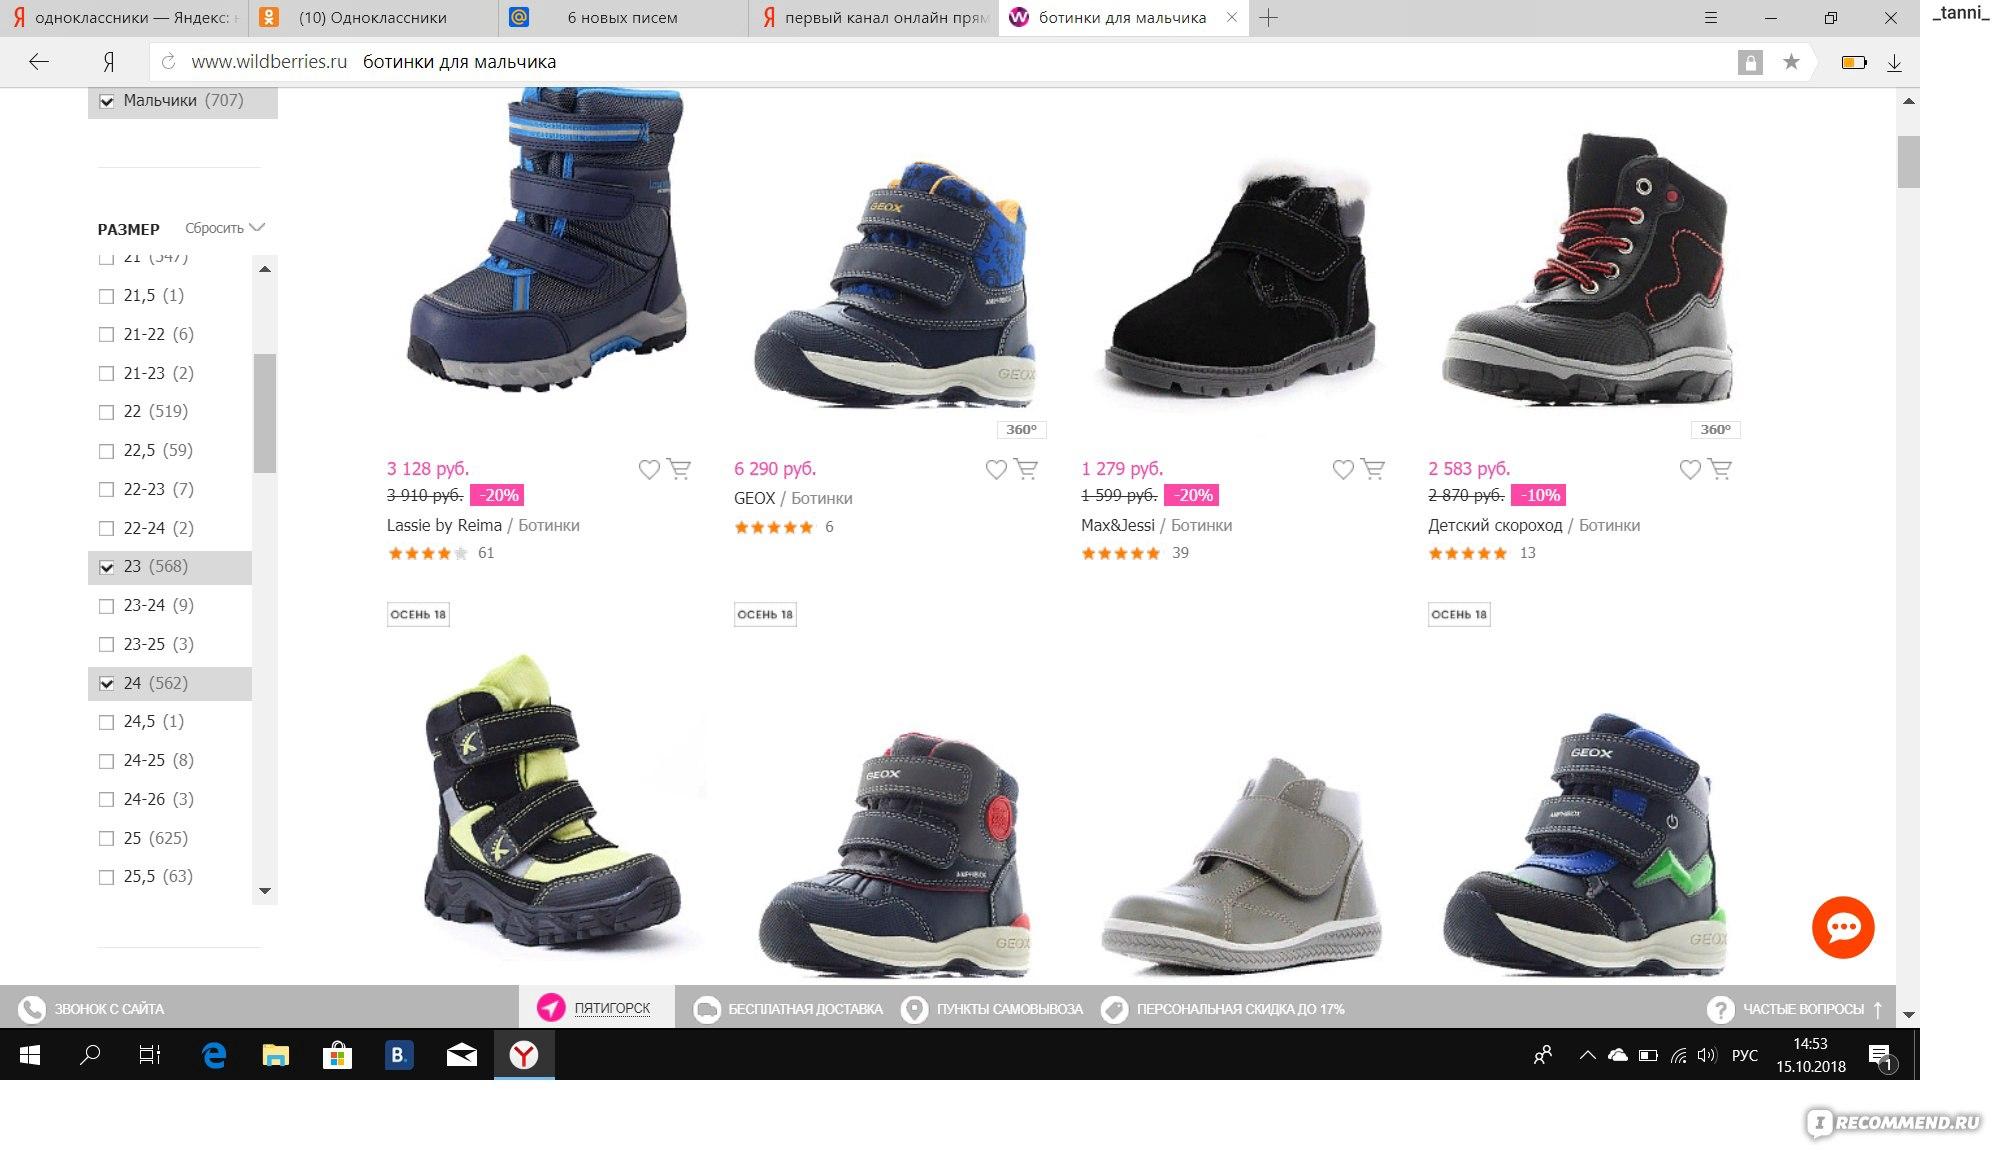 Дикая Вишня Интернет Магазин Одежды И Обуви